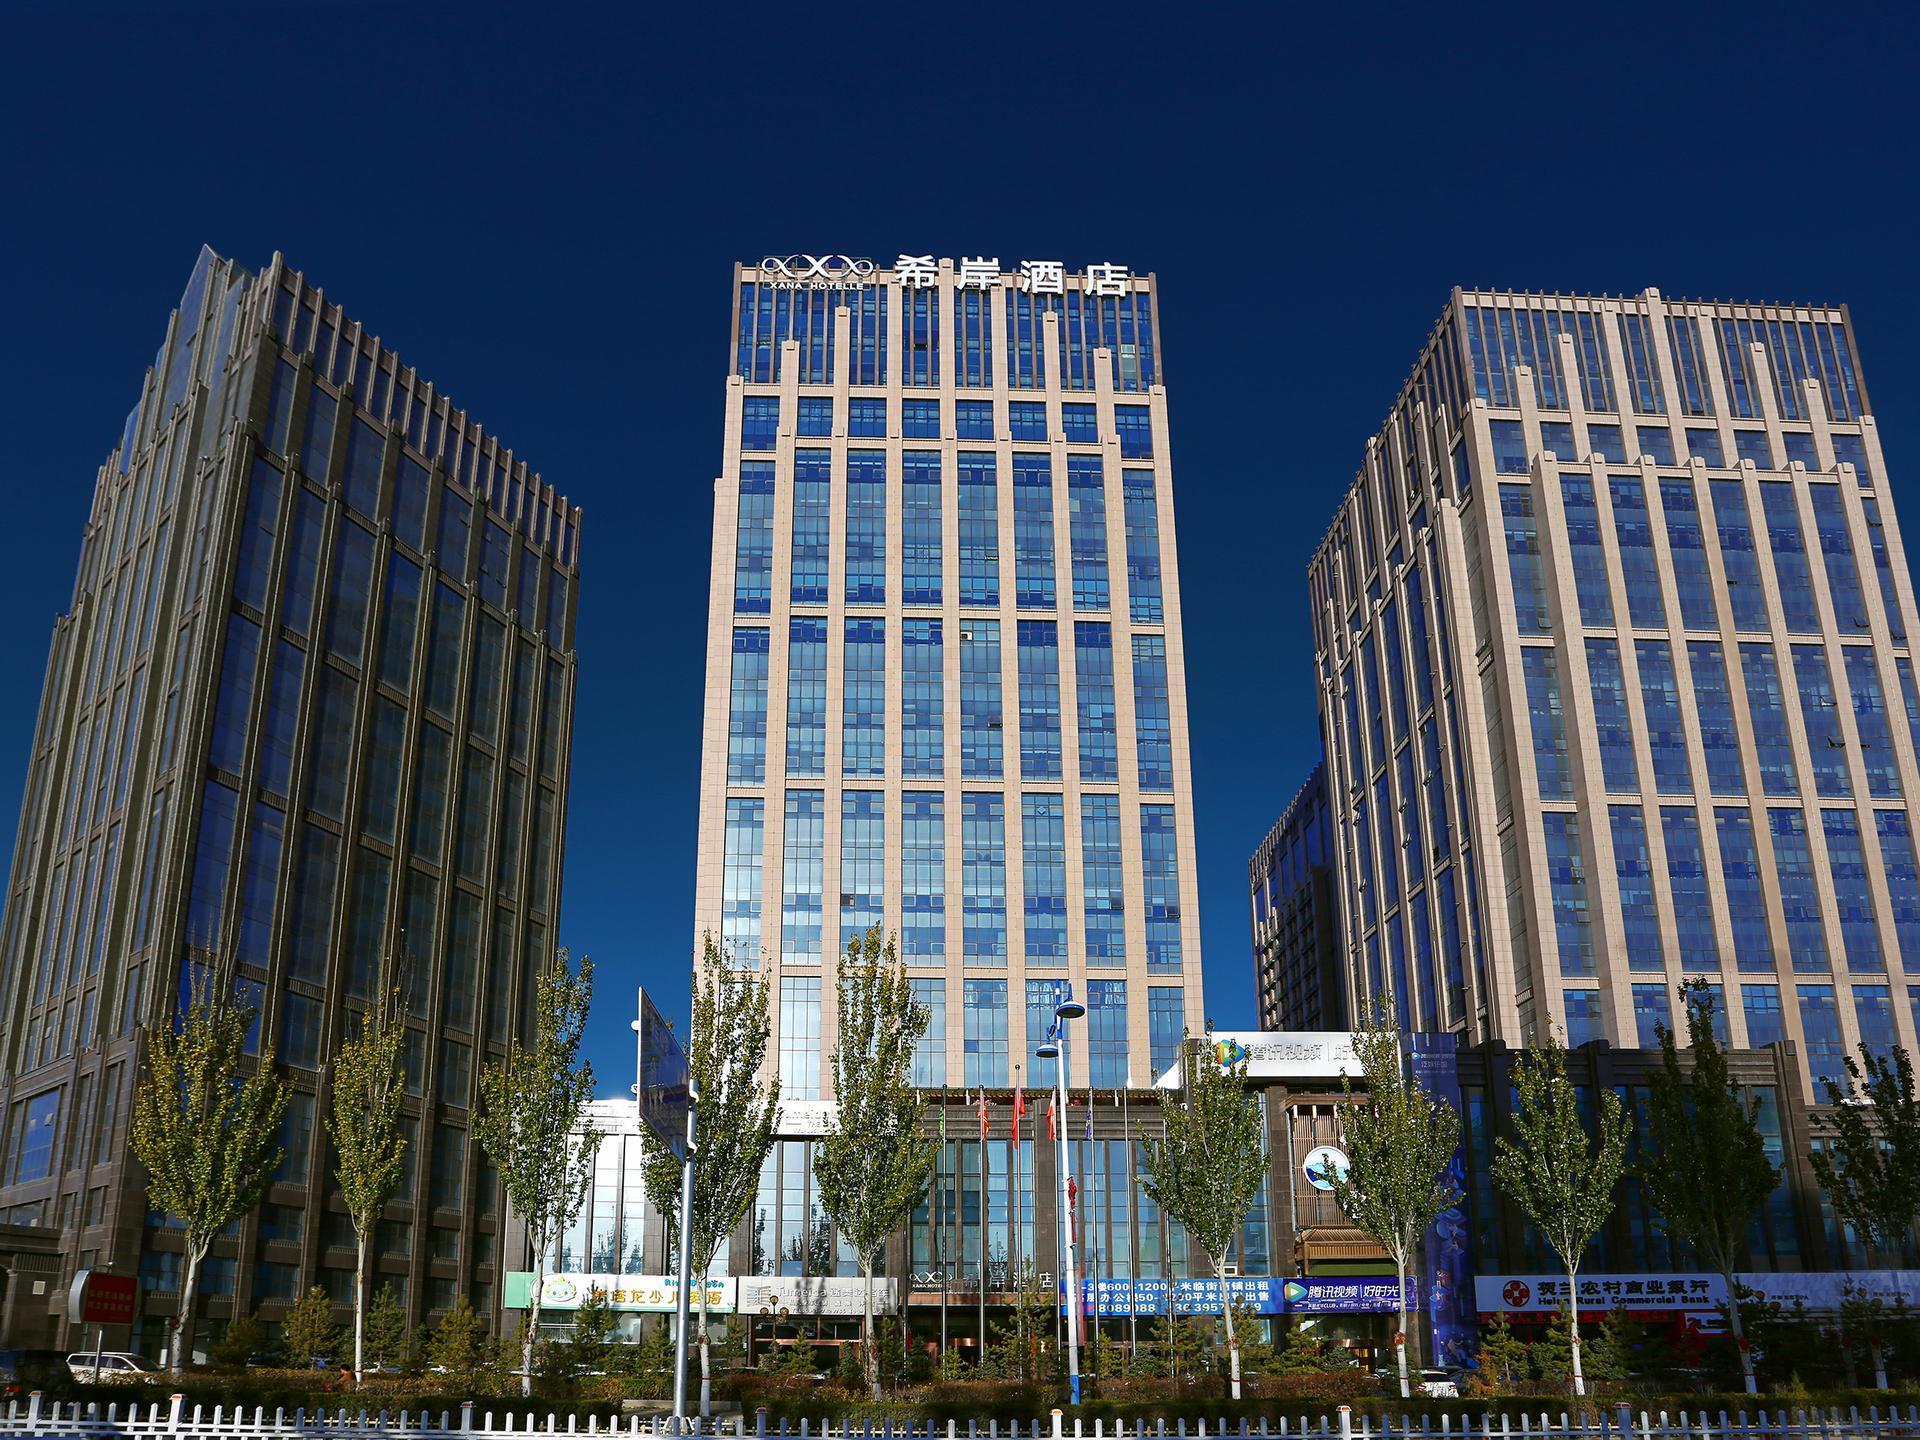 Xana Hotelle Yinchuan Swan Lake Town